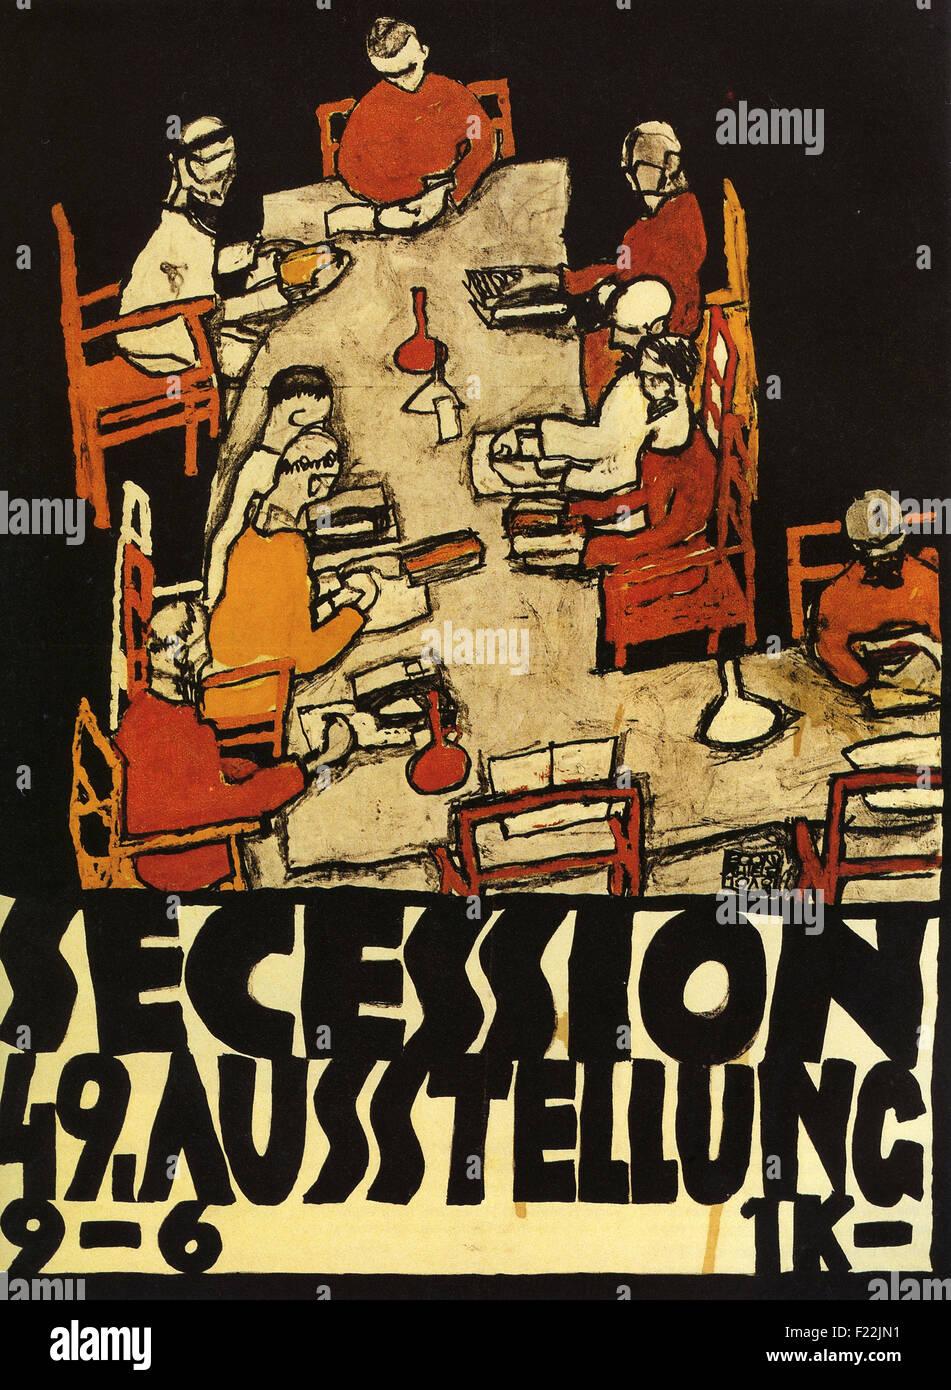 Egon Schiele - Poster per la Secessione di Vienna, 49th Exhibition, Die Freunde Immagini Stock